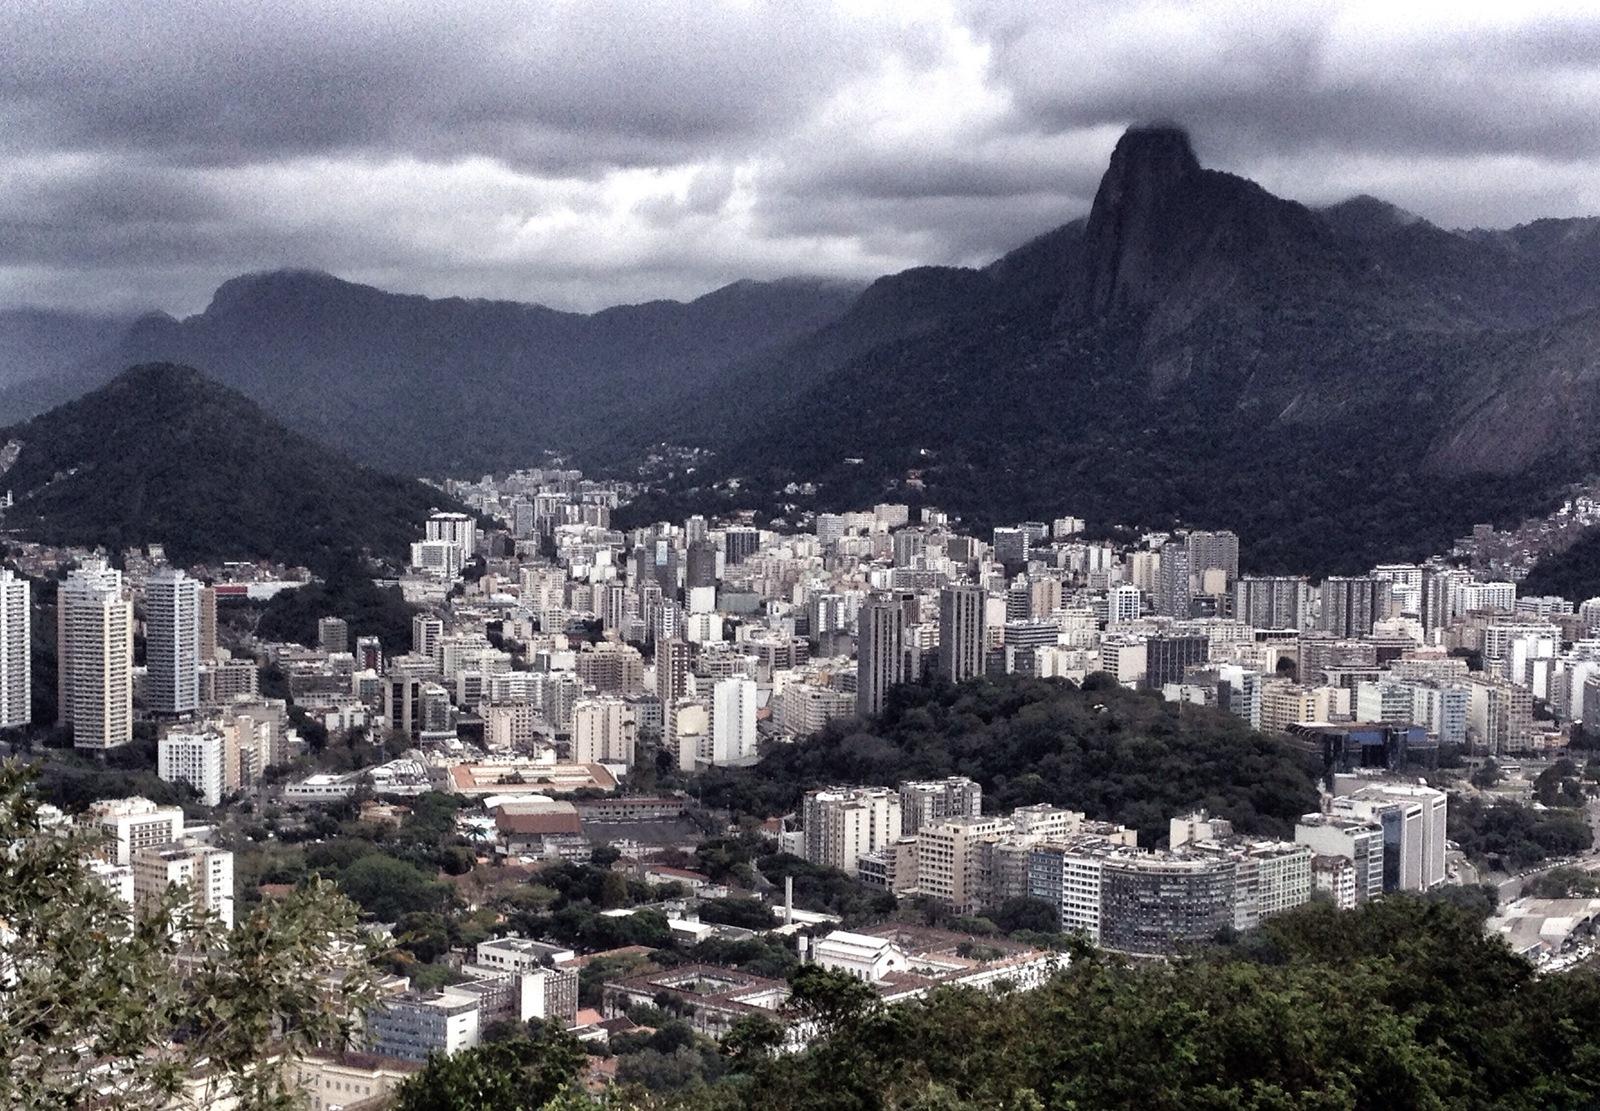 Rio de Janeiro: Pão de Açúcar (Głowa Cukru)